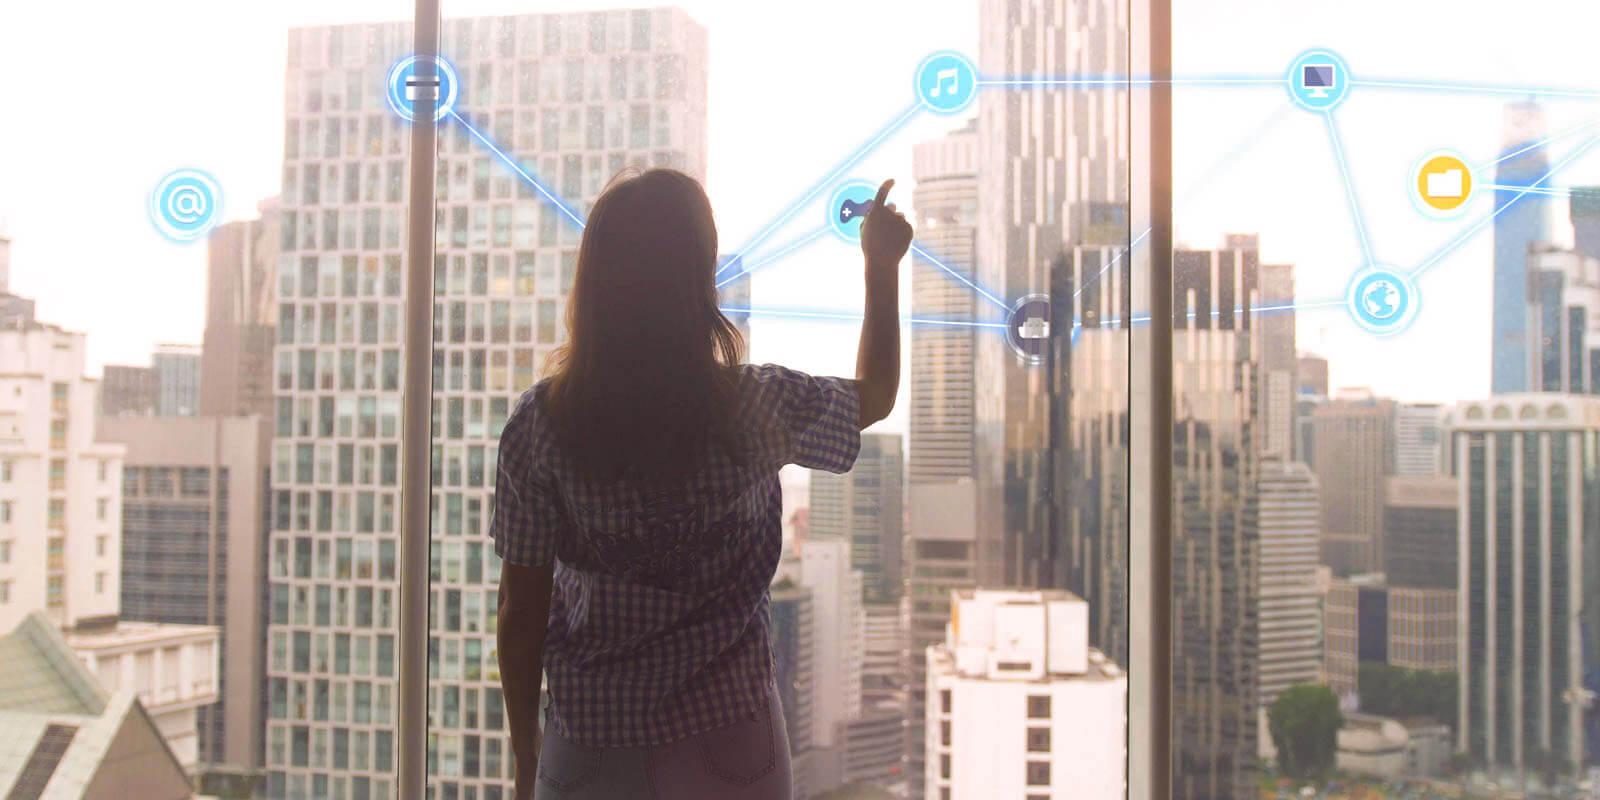 Eine Frau steht vor einem smart window und nutzt es wie einen Monitor